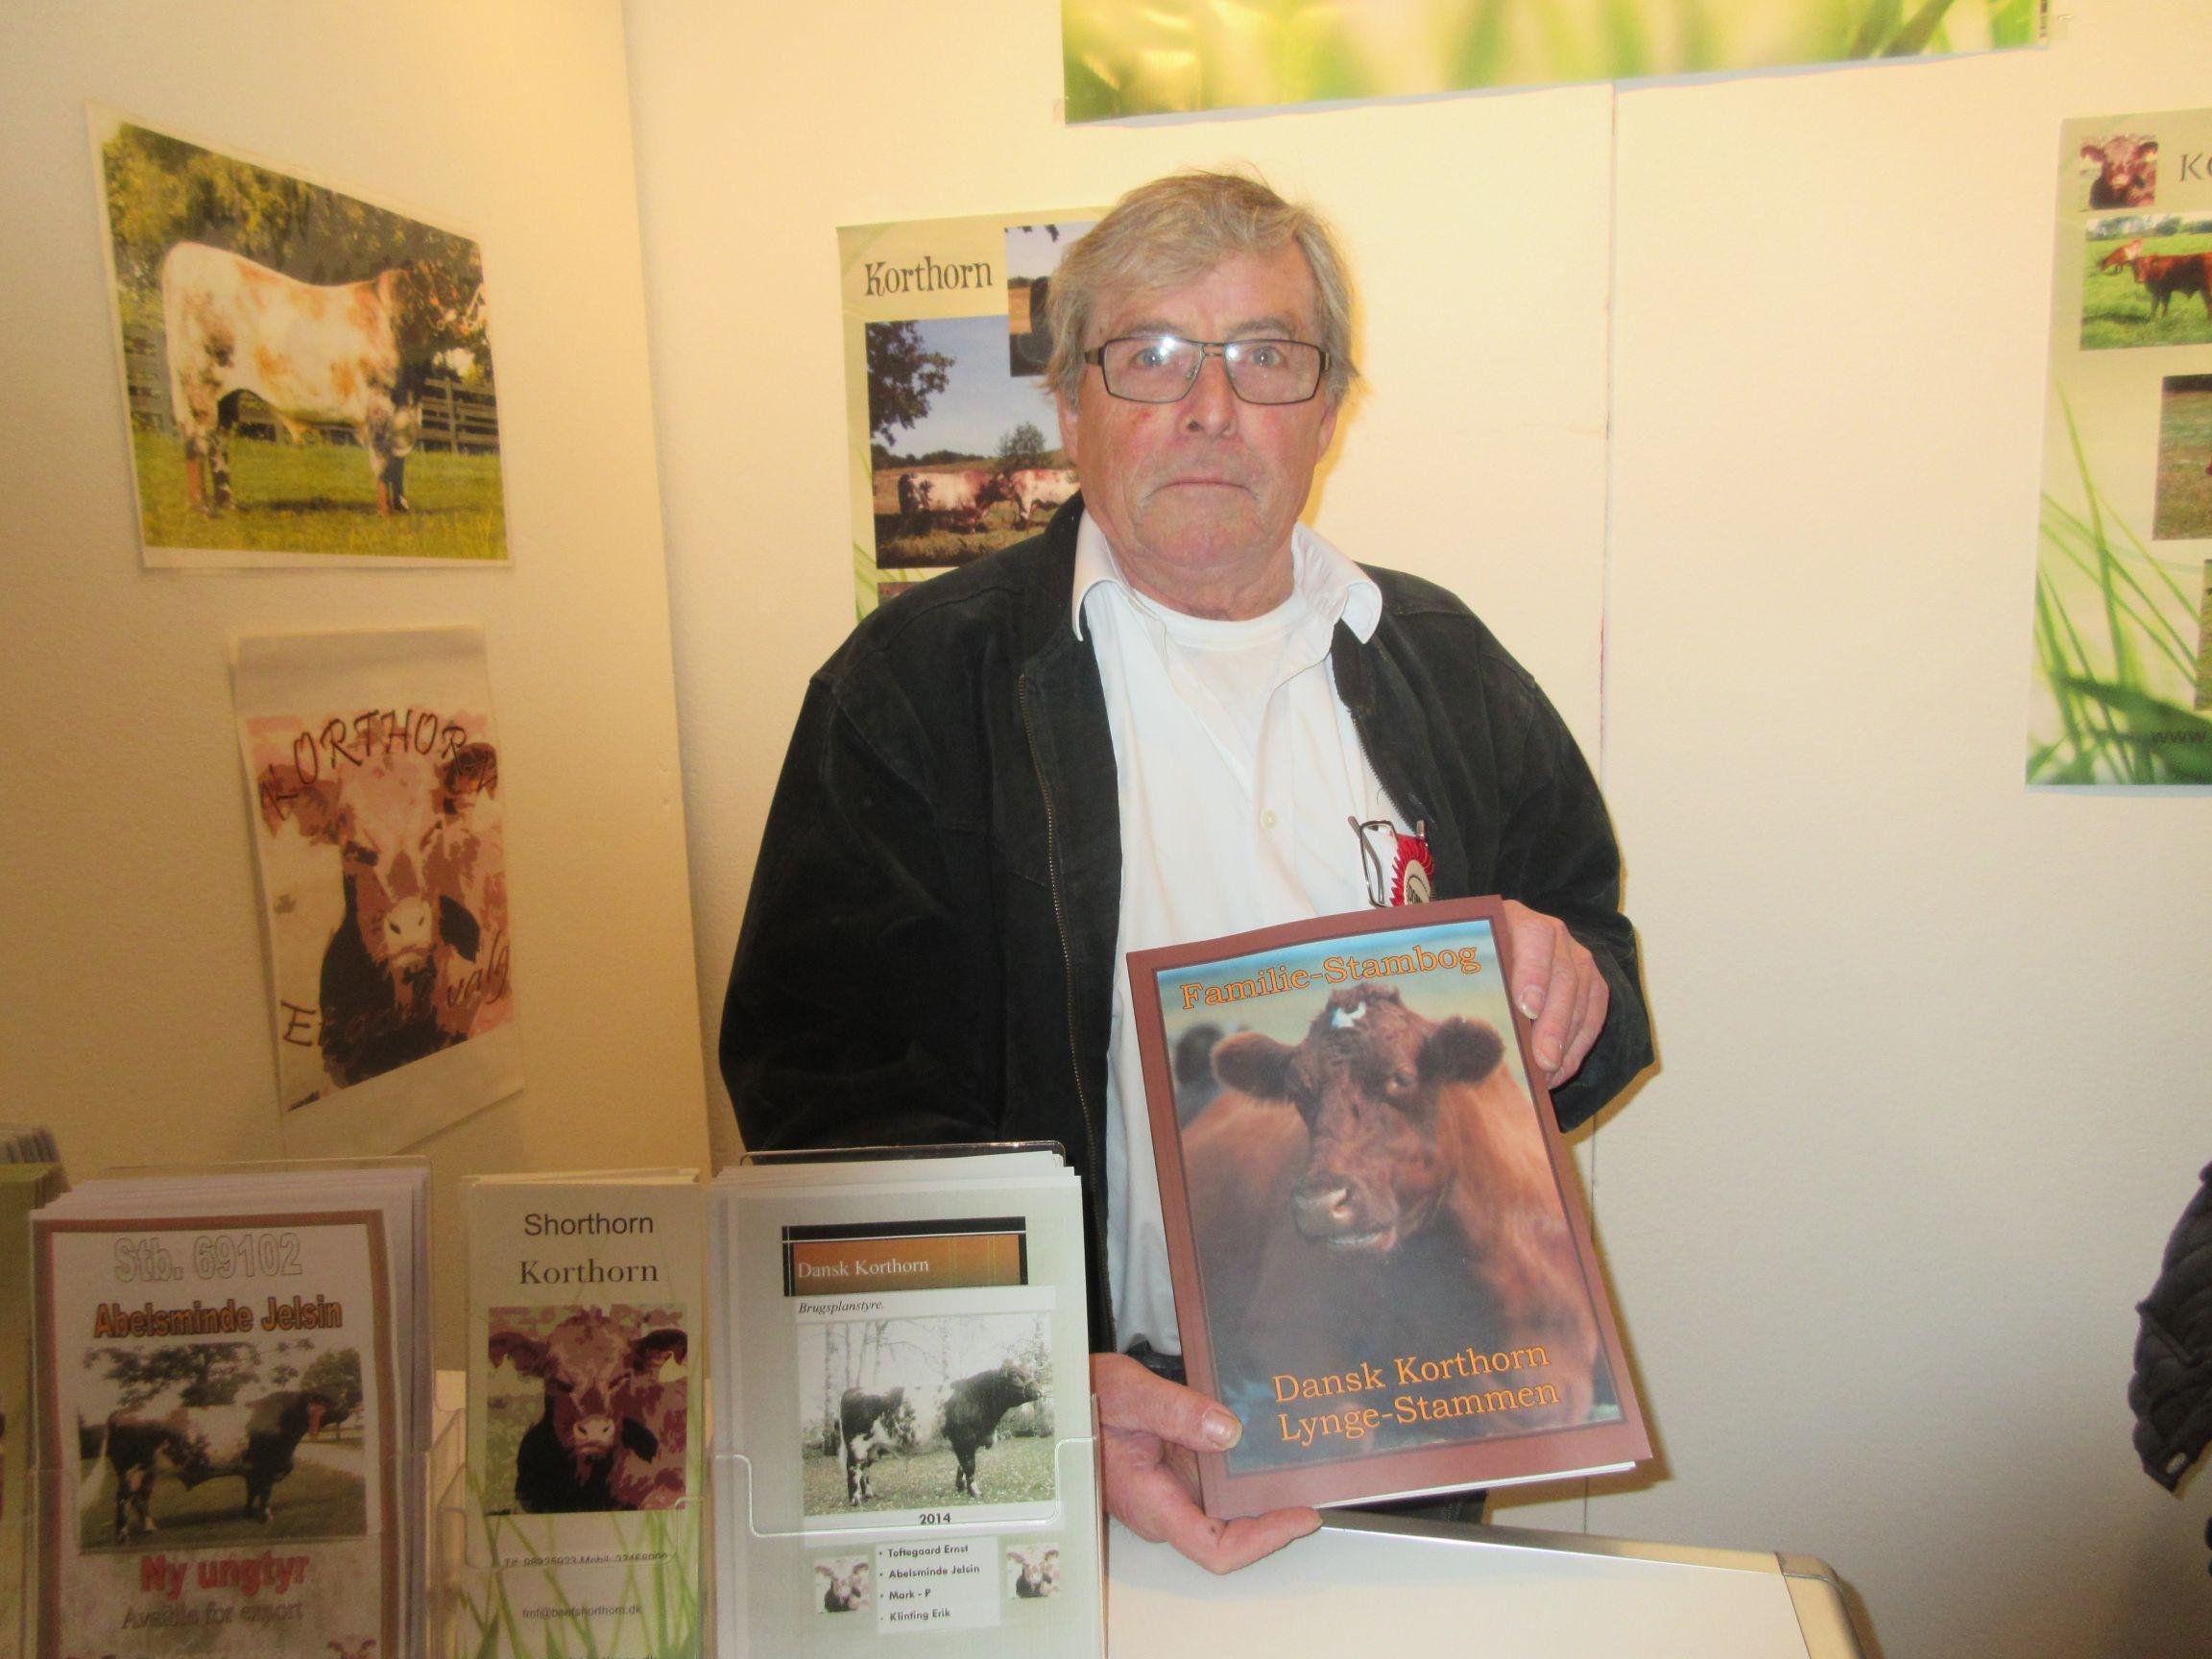 Forfatteren Frank Møller Fransen med sin bog om Dansk Korthorn -